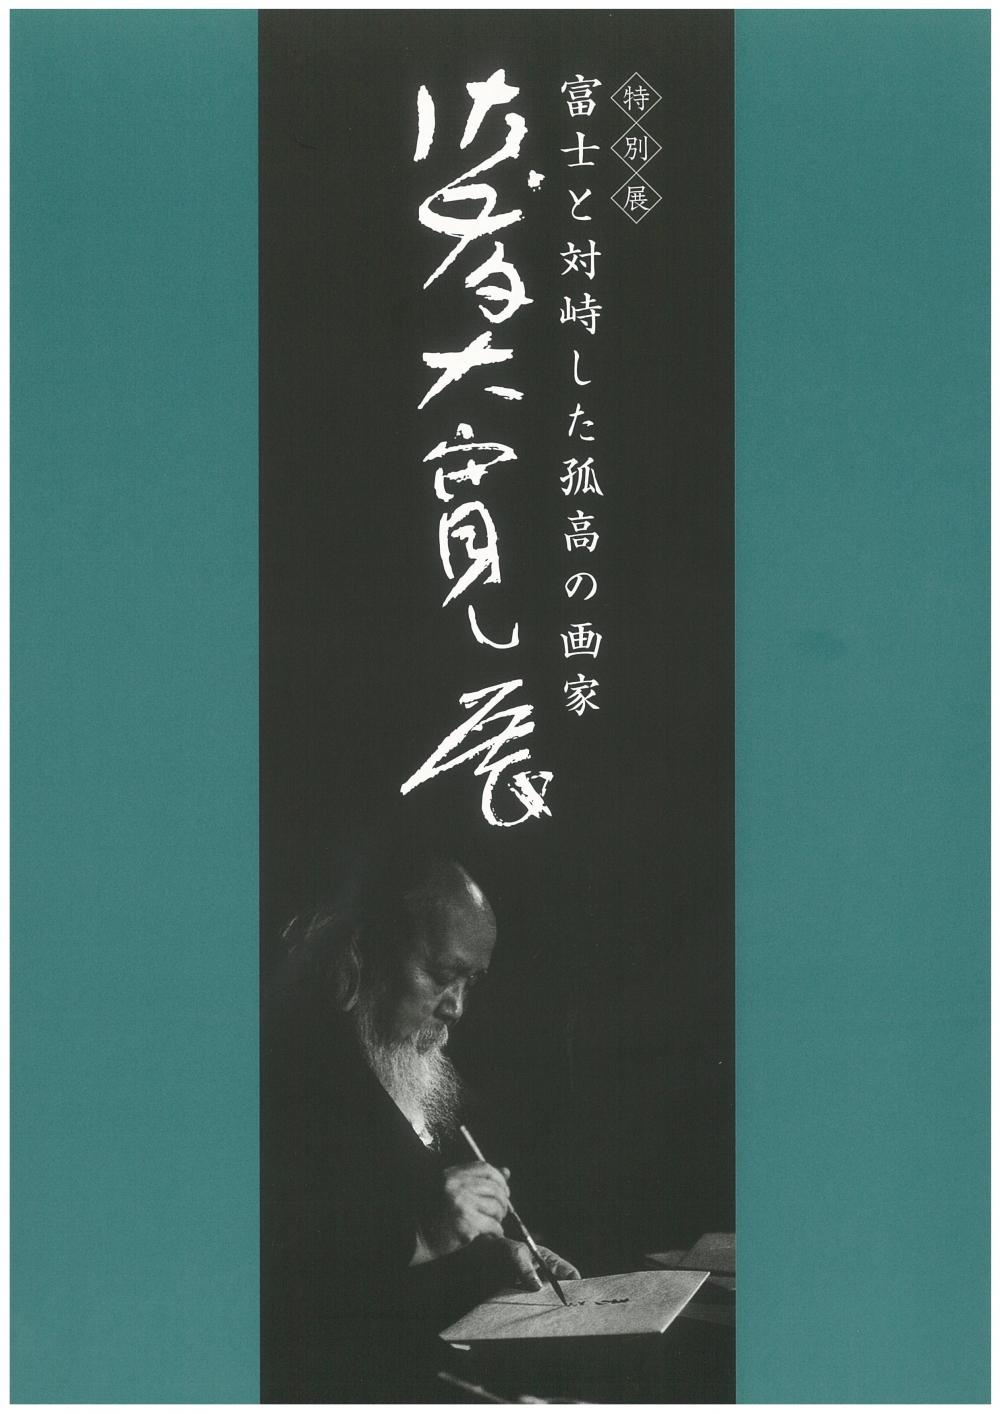 平成26年度特別展図録「富士と対峙した孤高の画家 佐藤大寛」